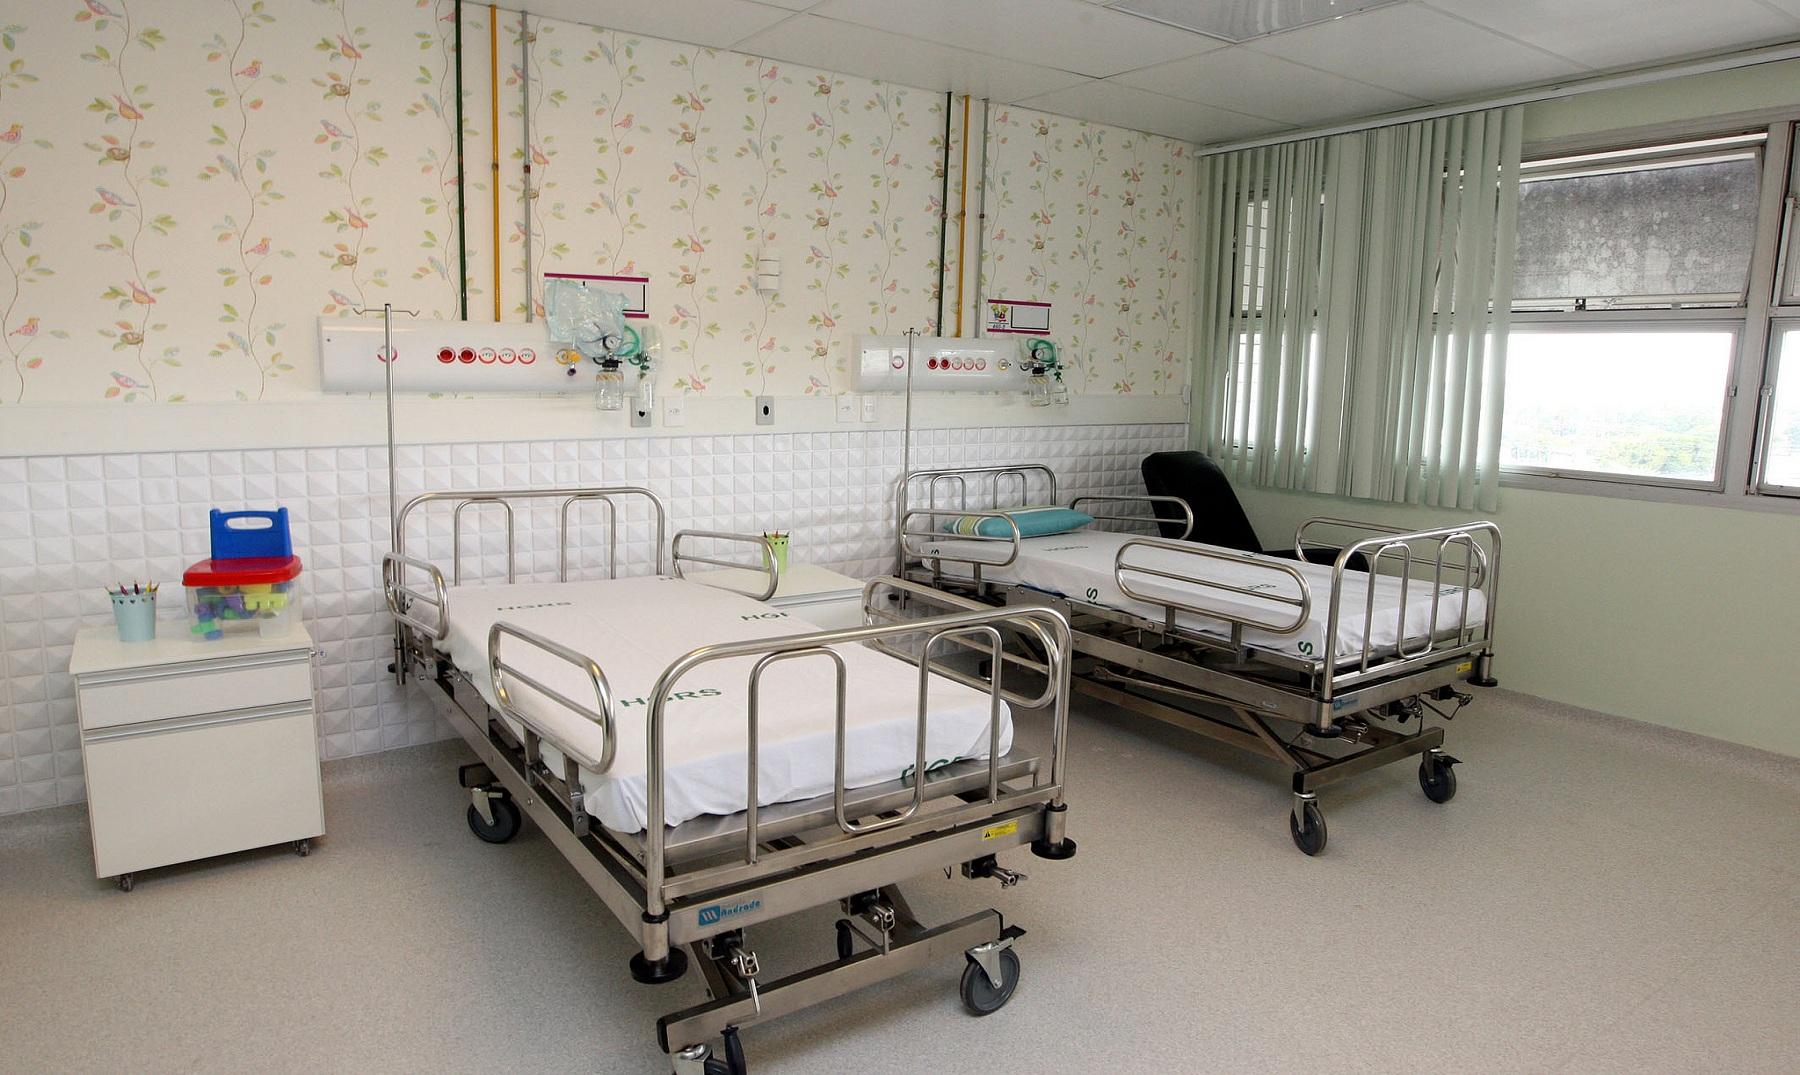 Enfermedades raras: Piernas que crecen sin parar